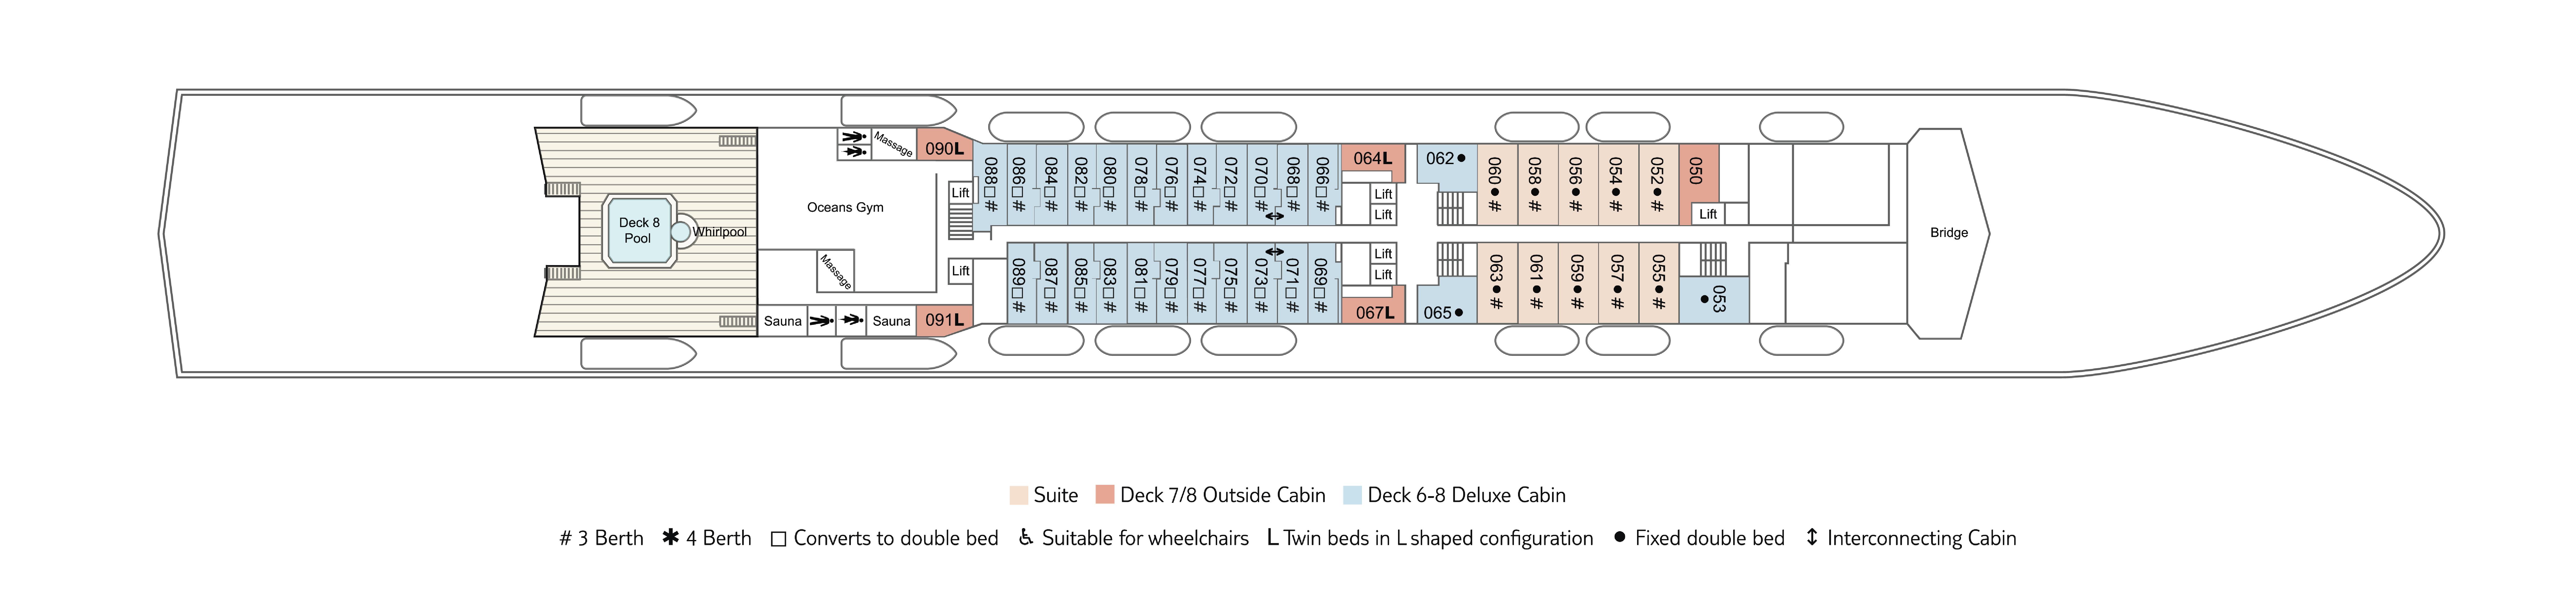 Marella spirit deck plans cruiseind for Deck plans online